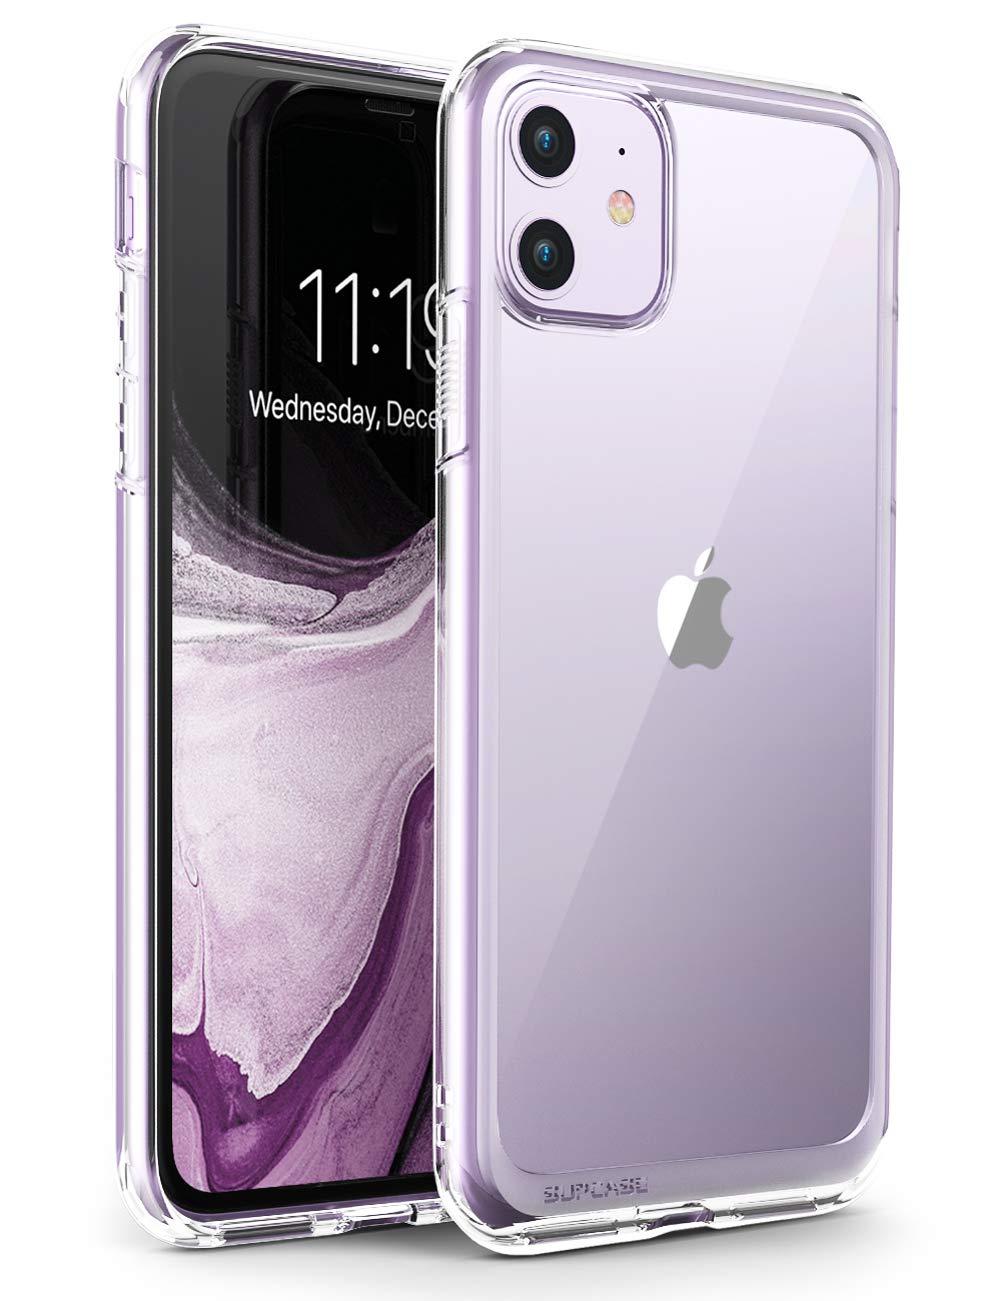 Funda para Iphone 11 (6.1) SUPCASE [7W4KTNBV]